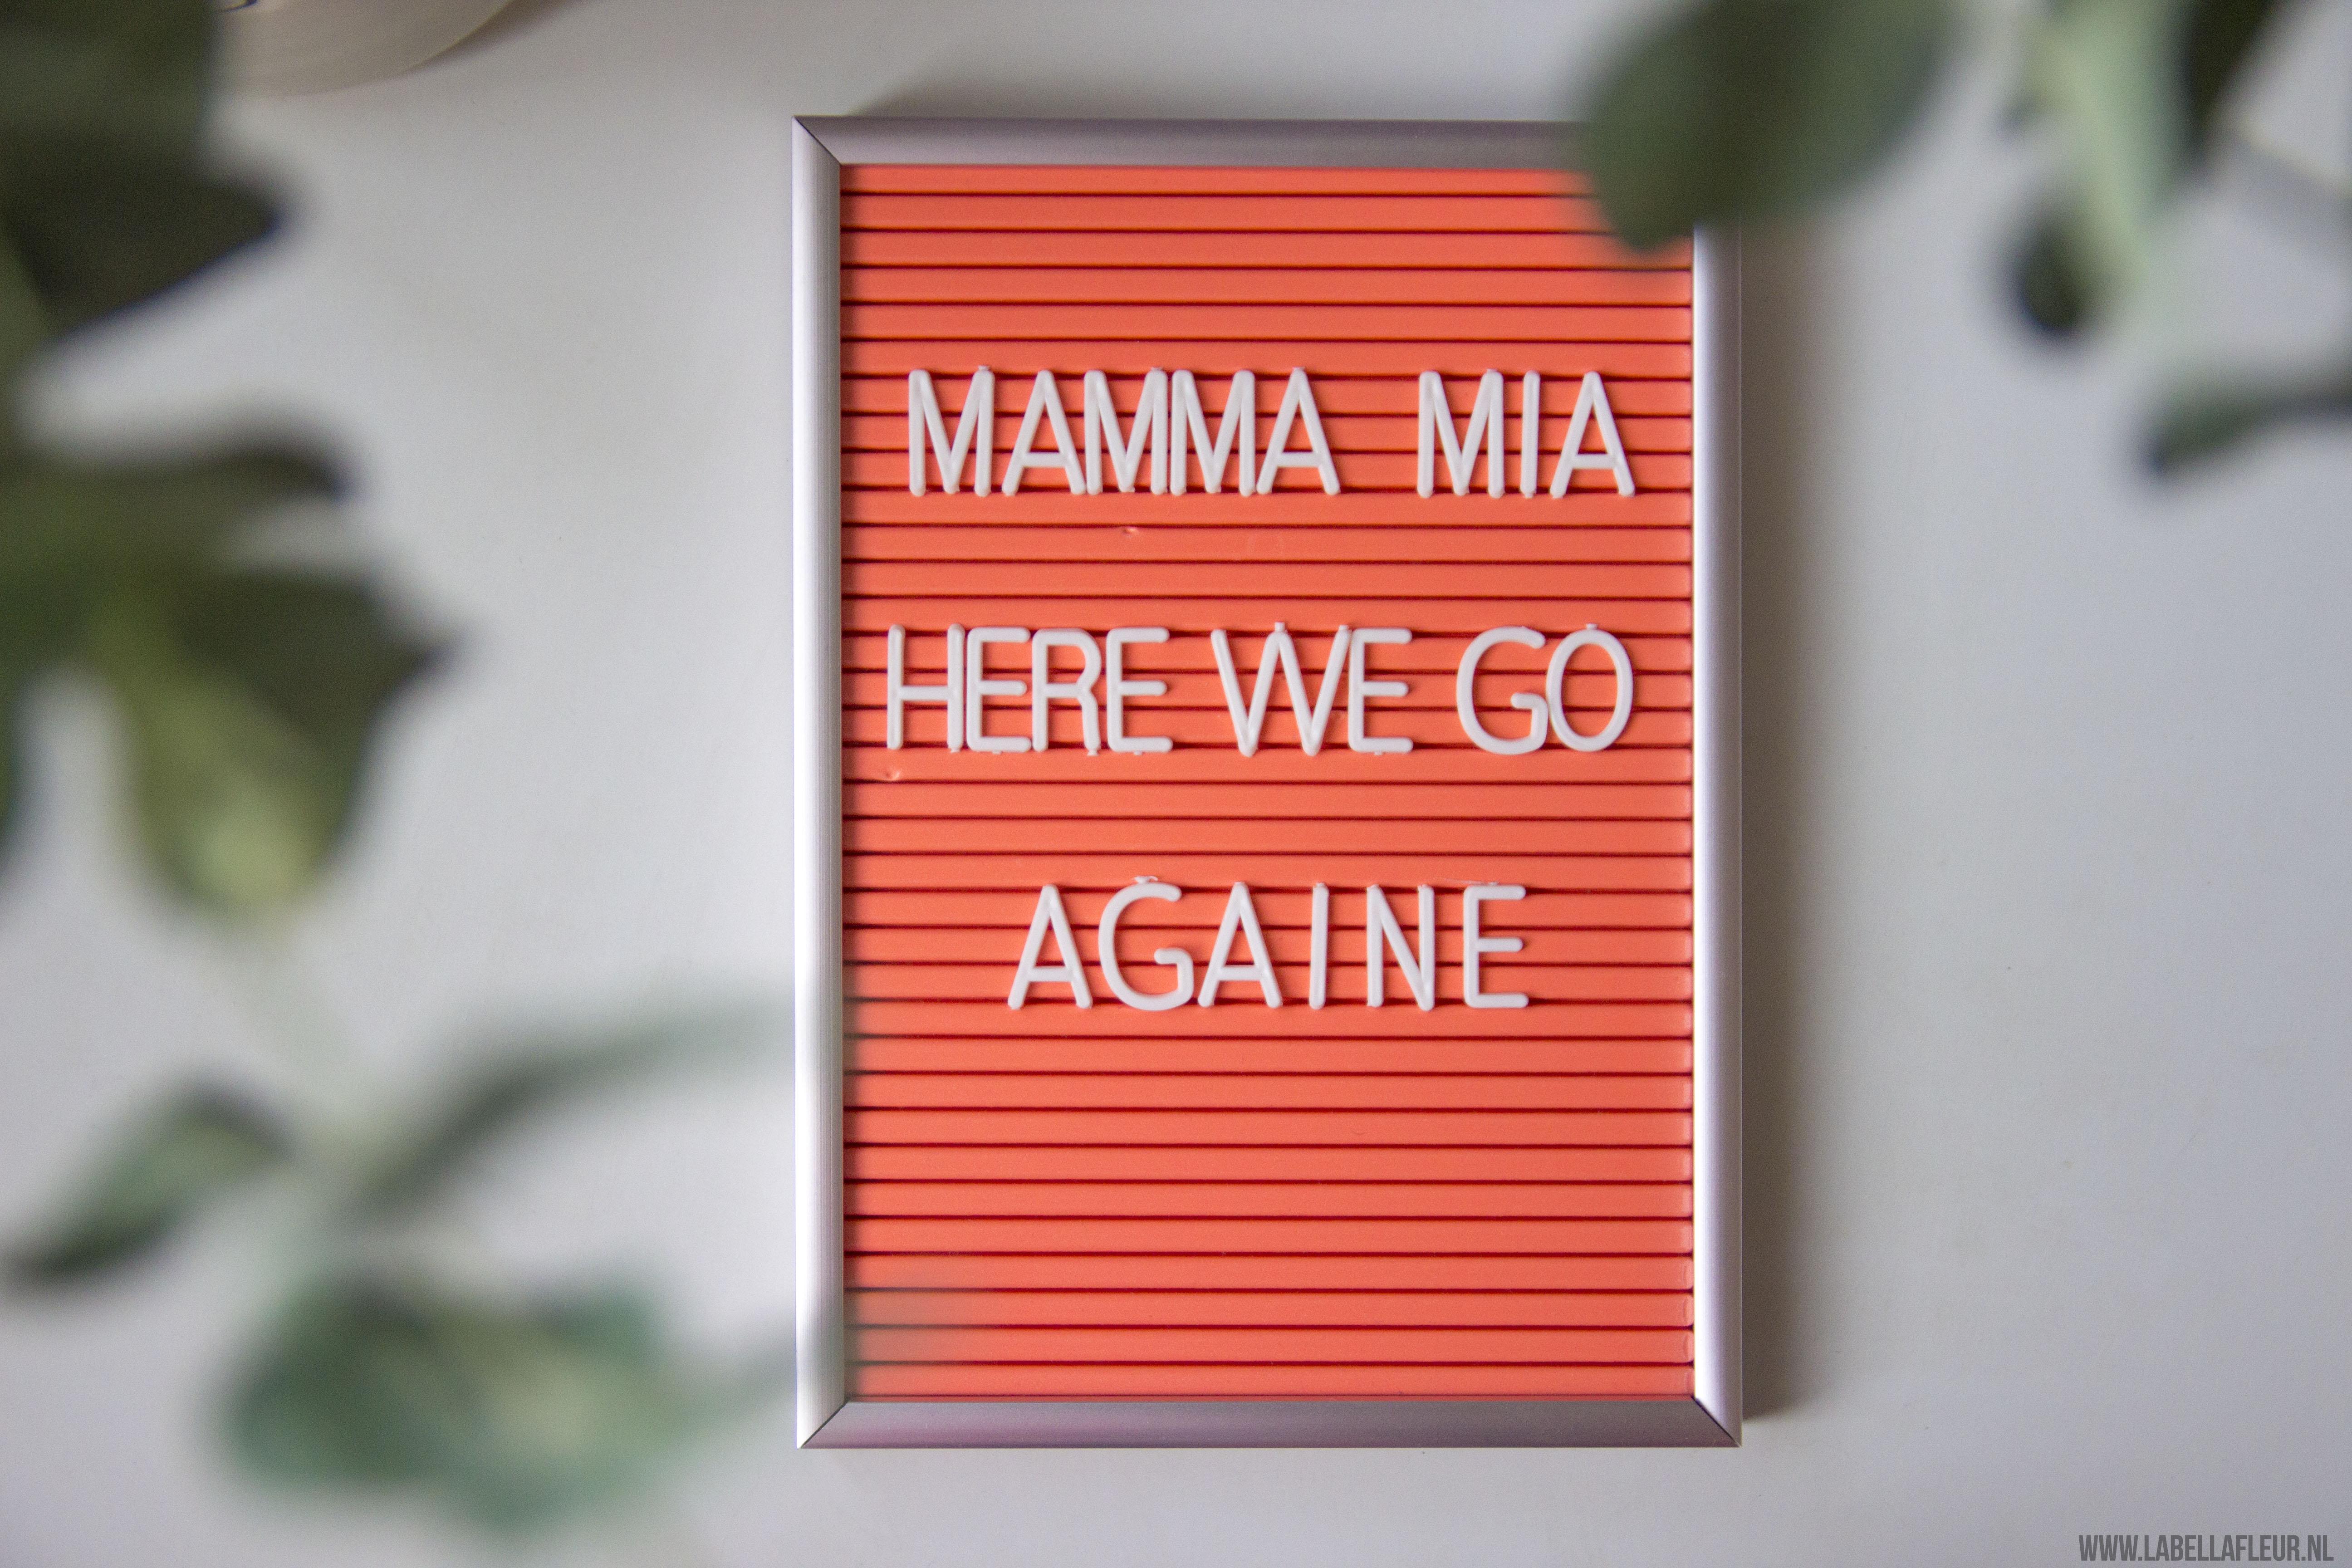 gezien, Mamma Mia Here we go again